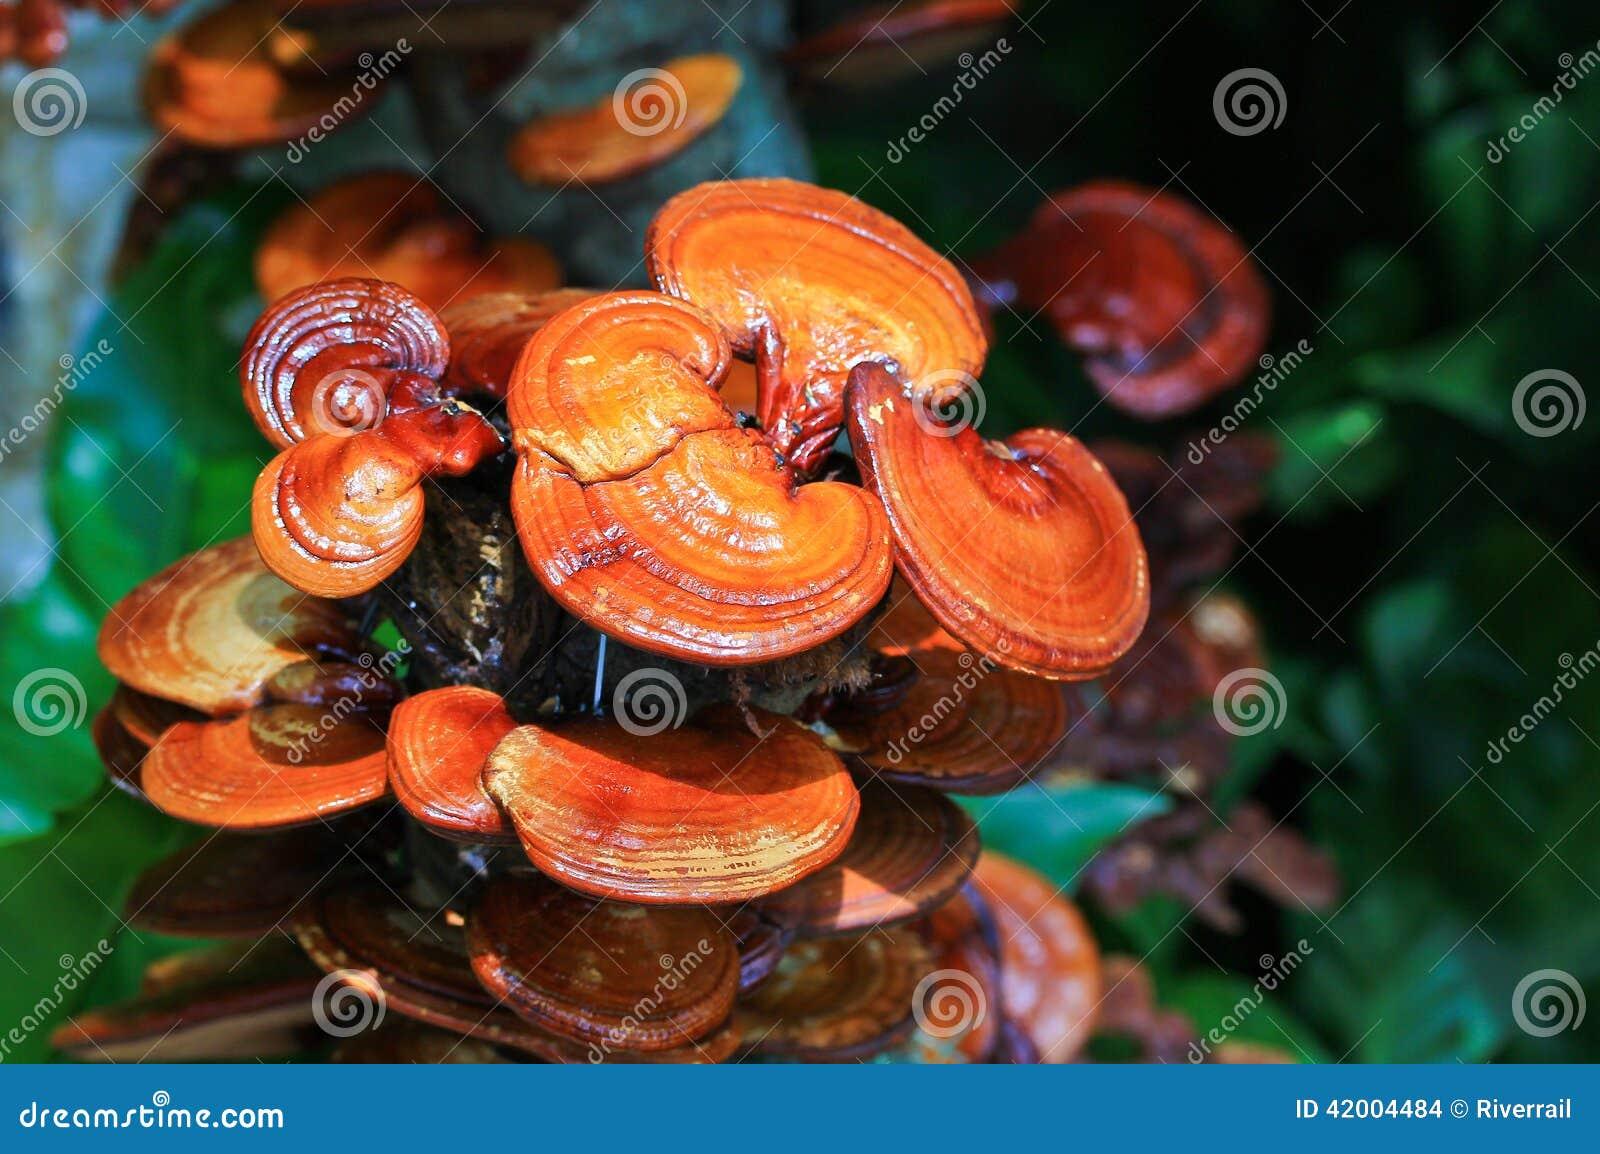 Fungo di ganoderma lucidum